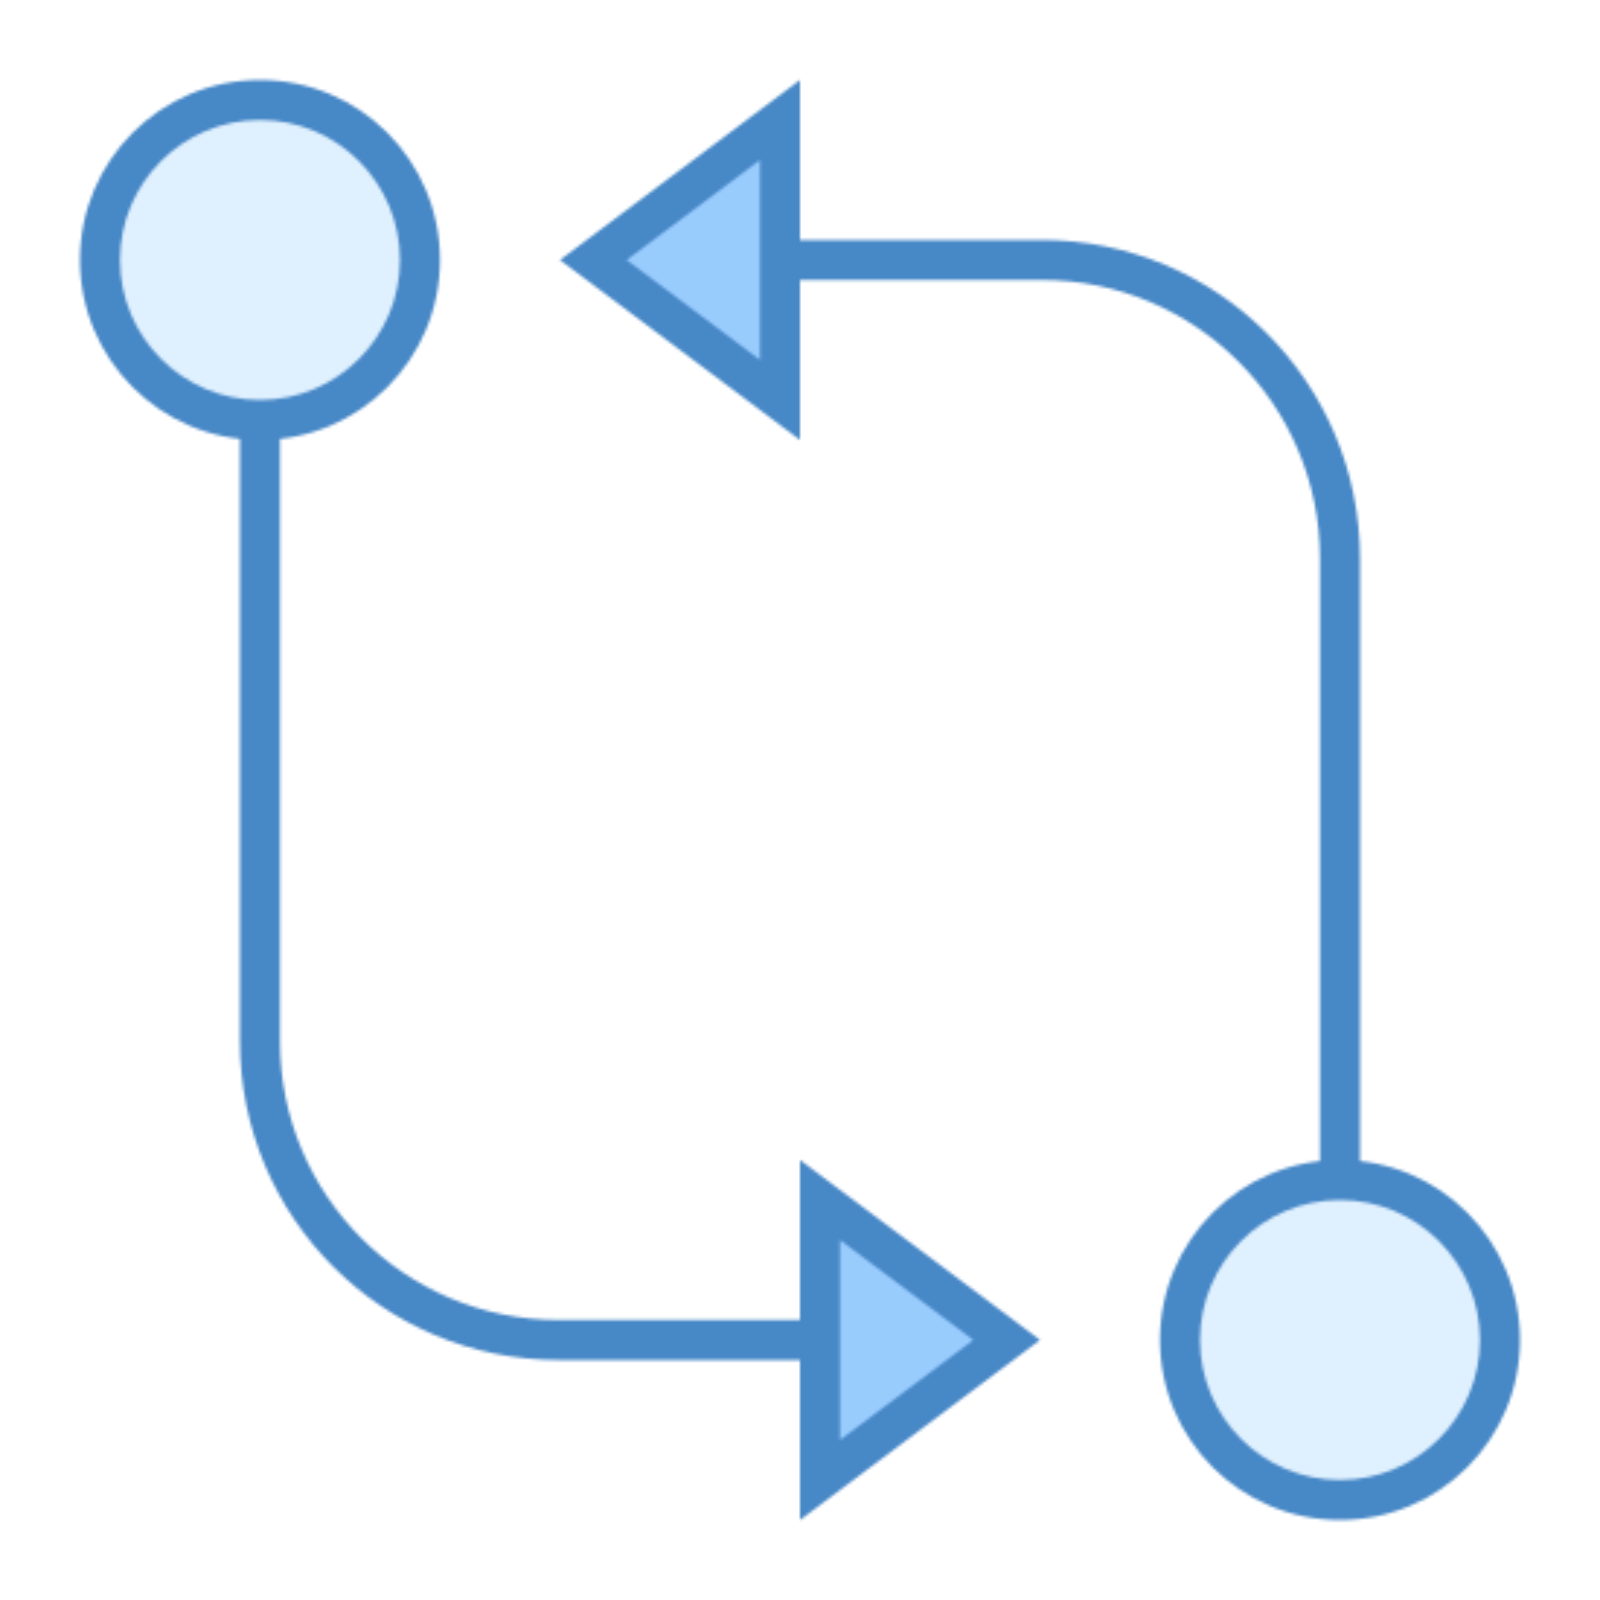 Compare Git icon